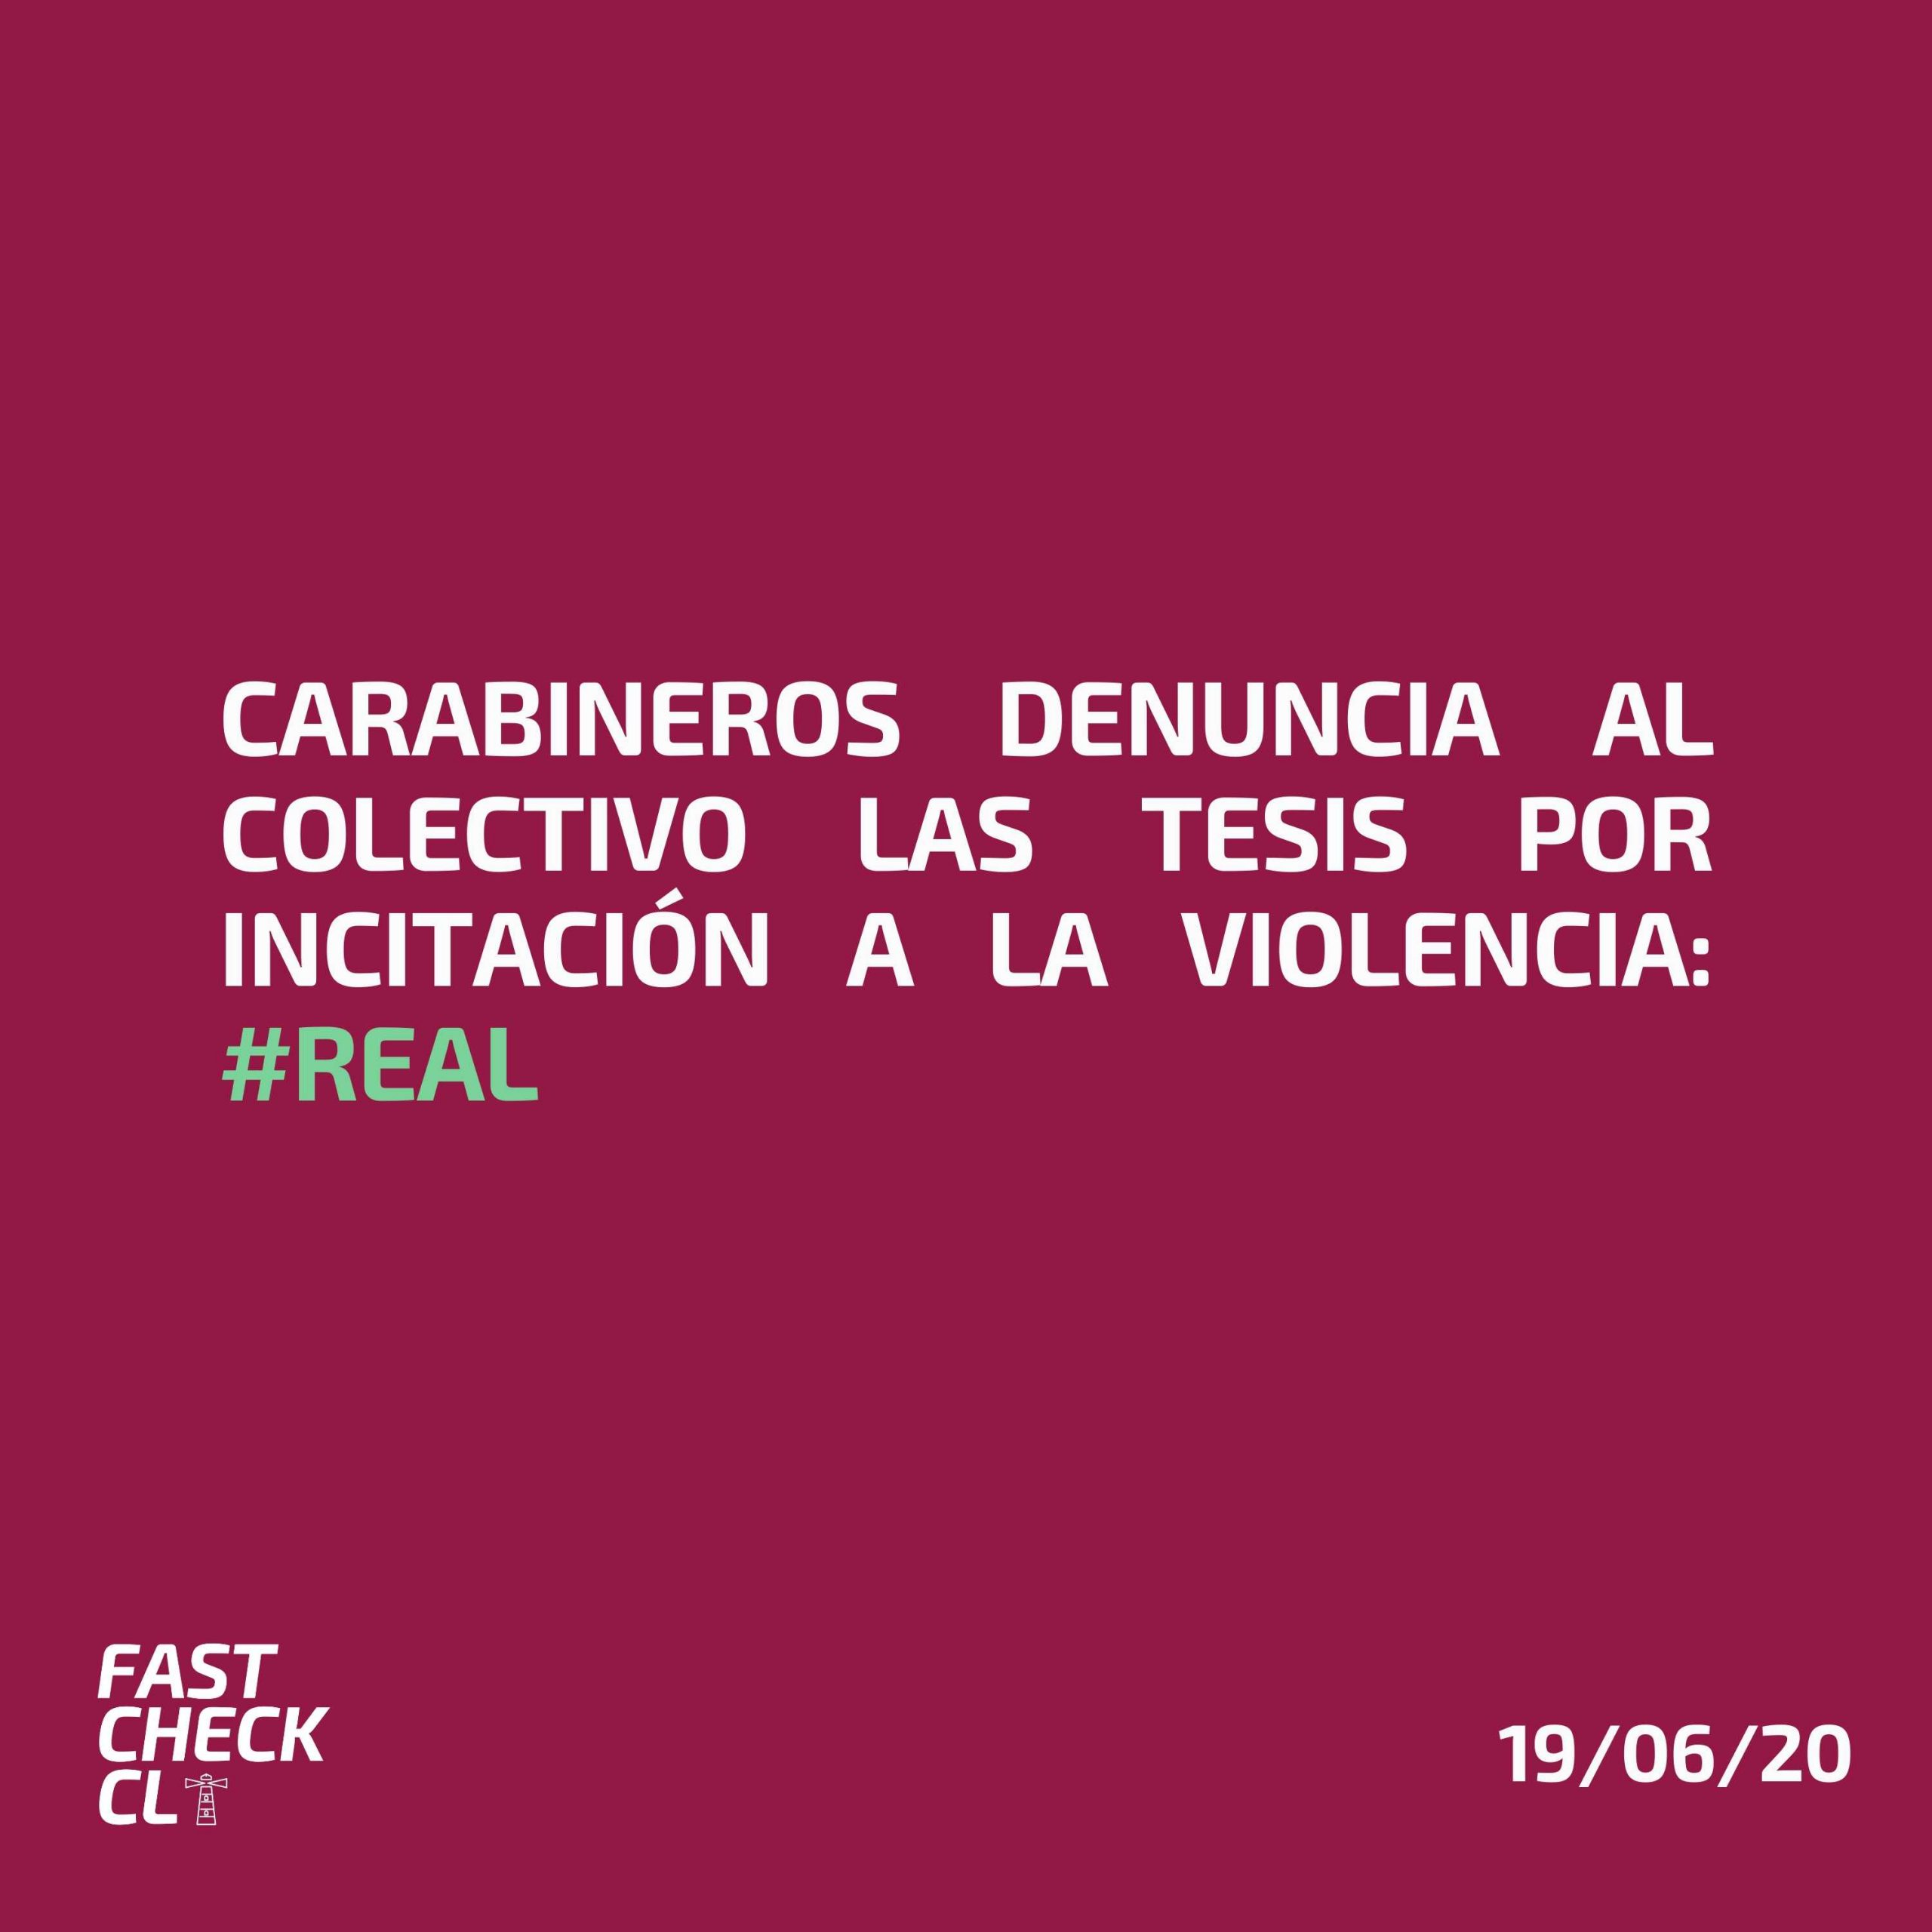 Carabineros denuncia al colectivo Las Tesis por incitación a la violencia: #Real